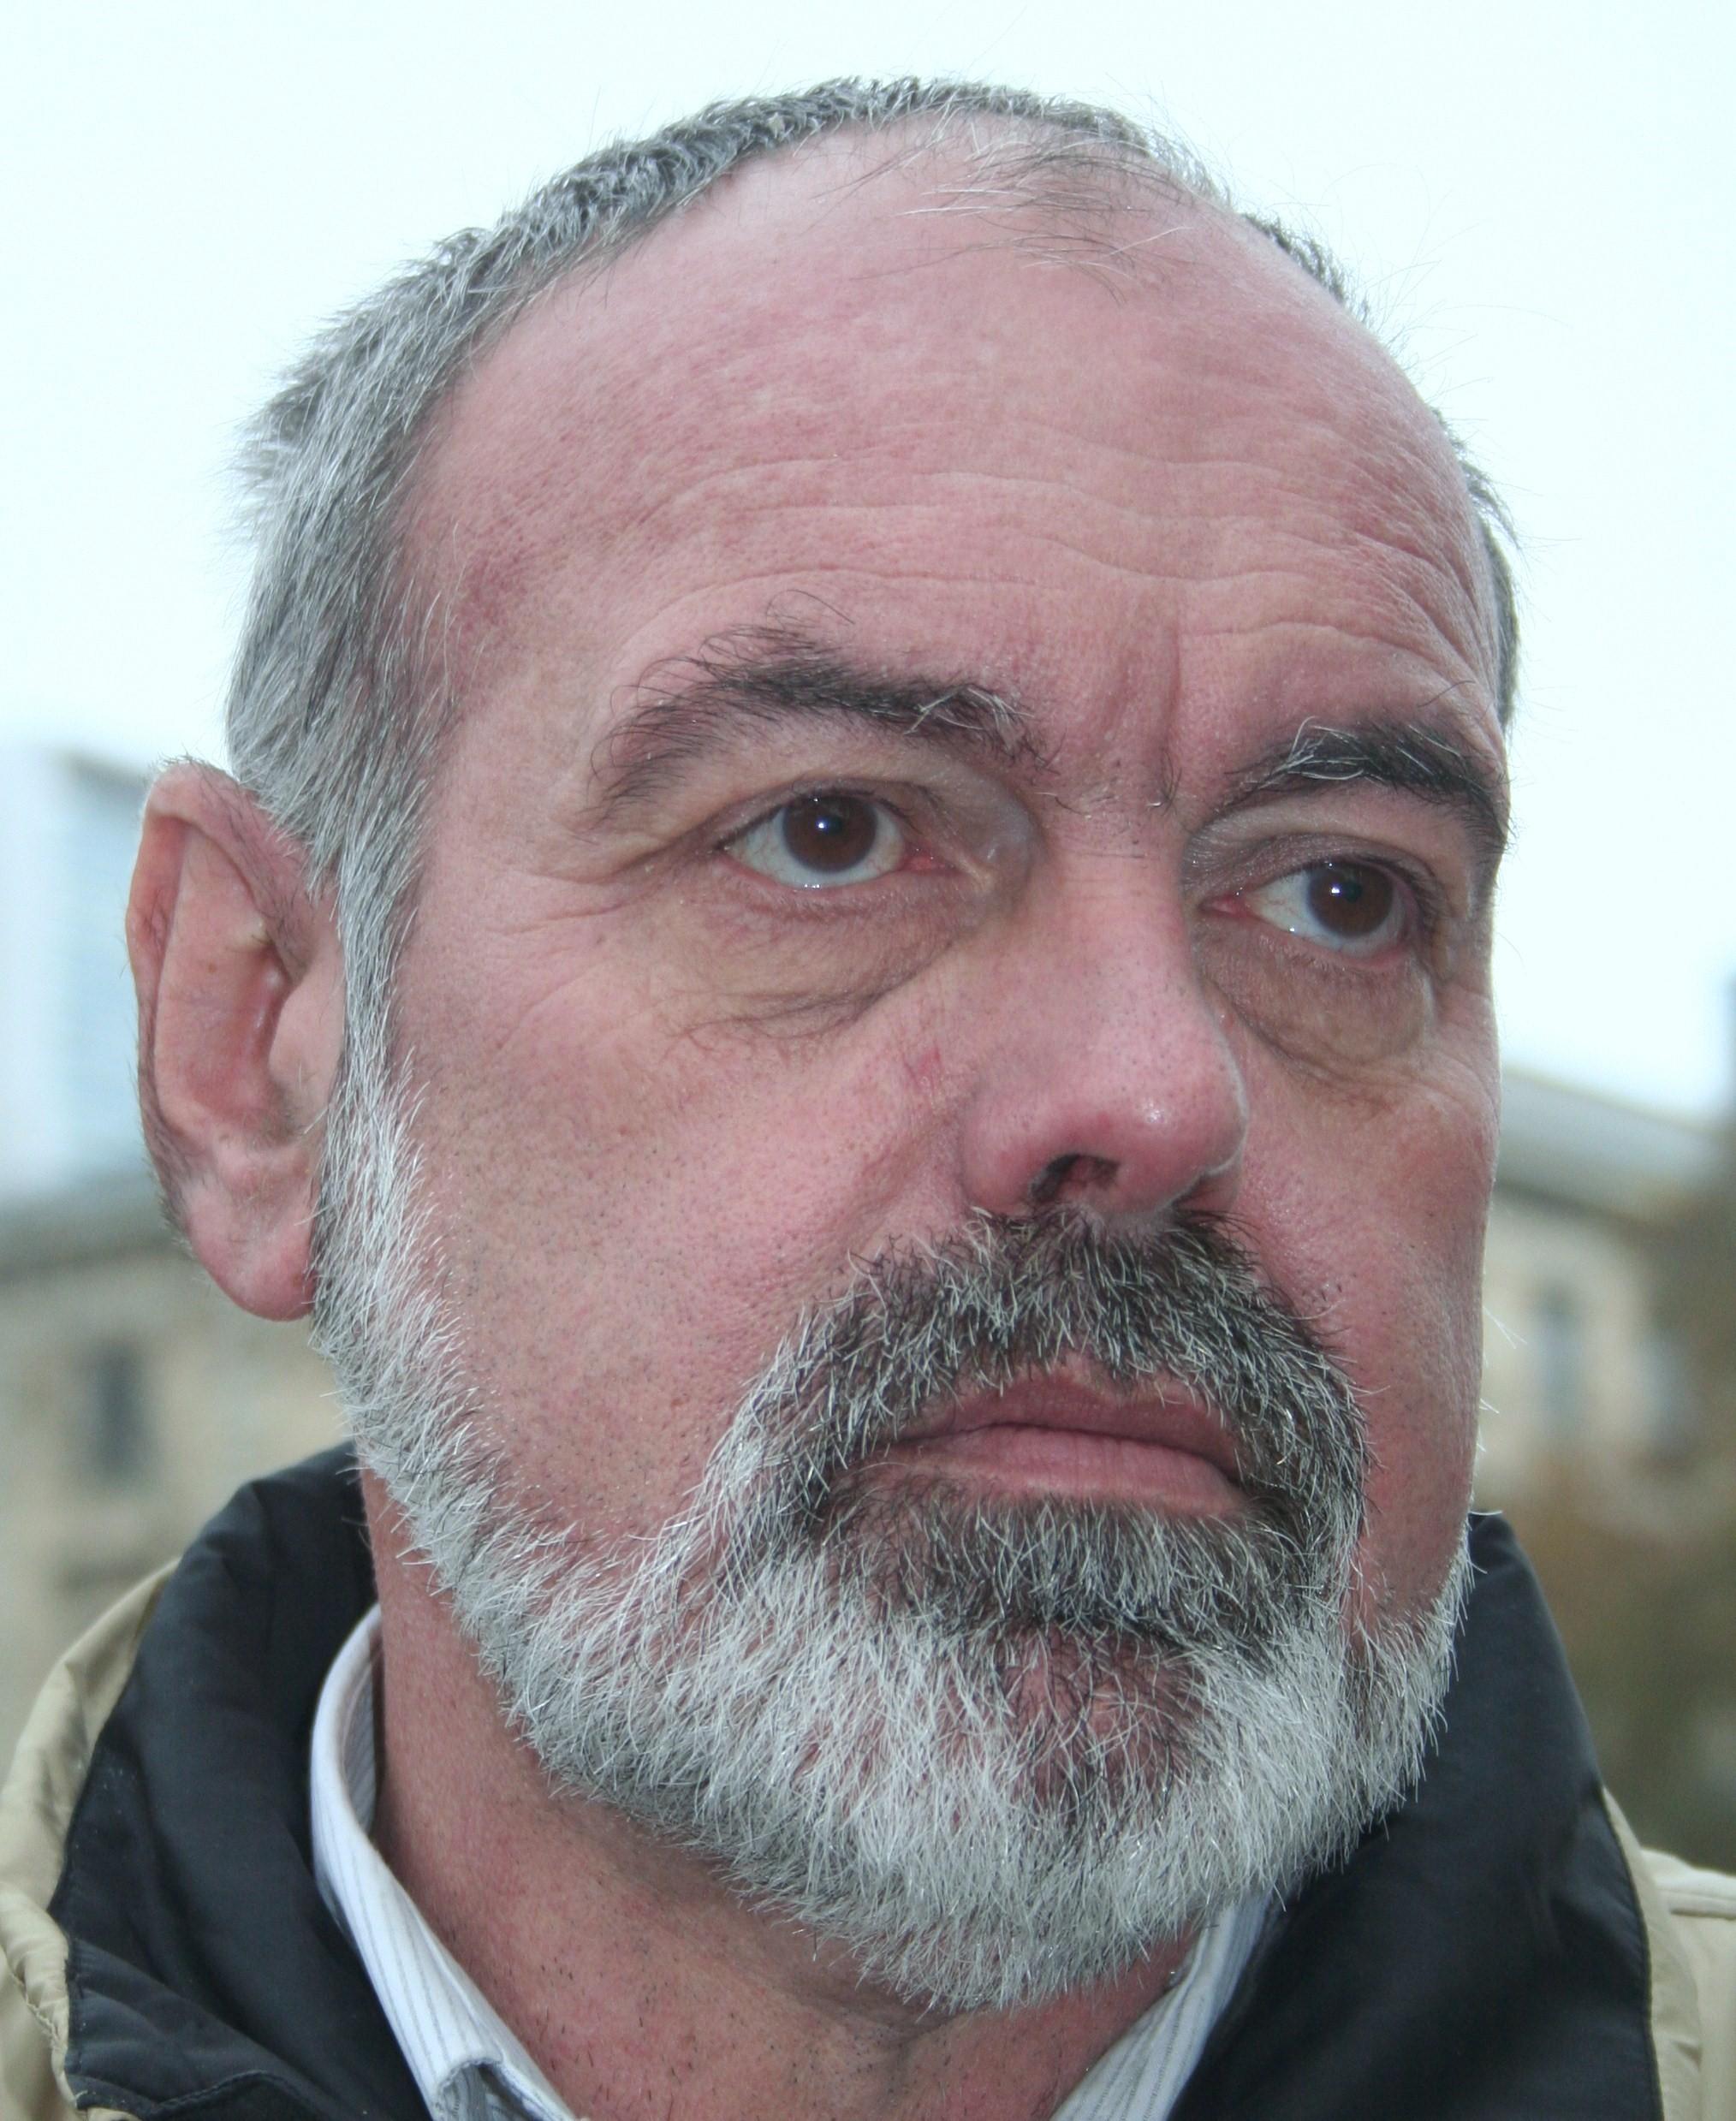 Robert Leubolt